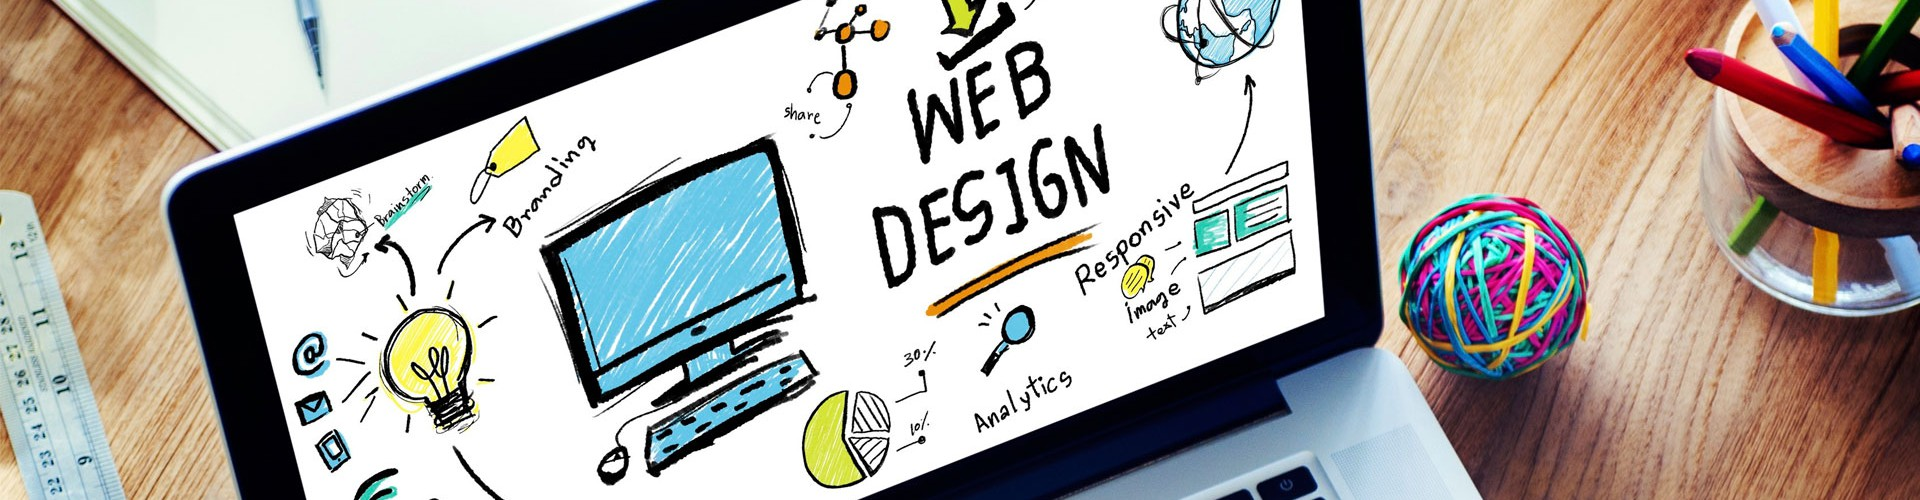 slider-web-design